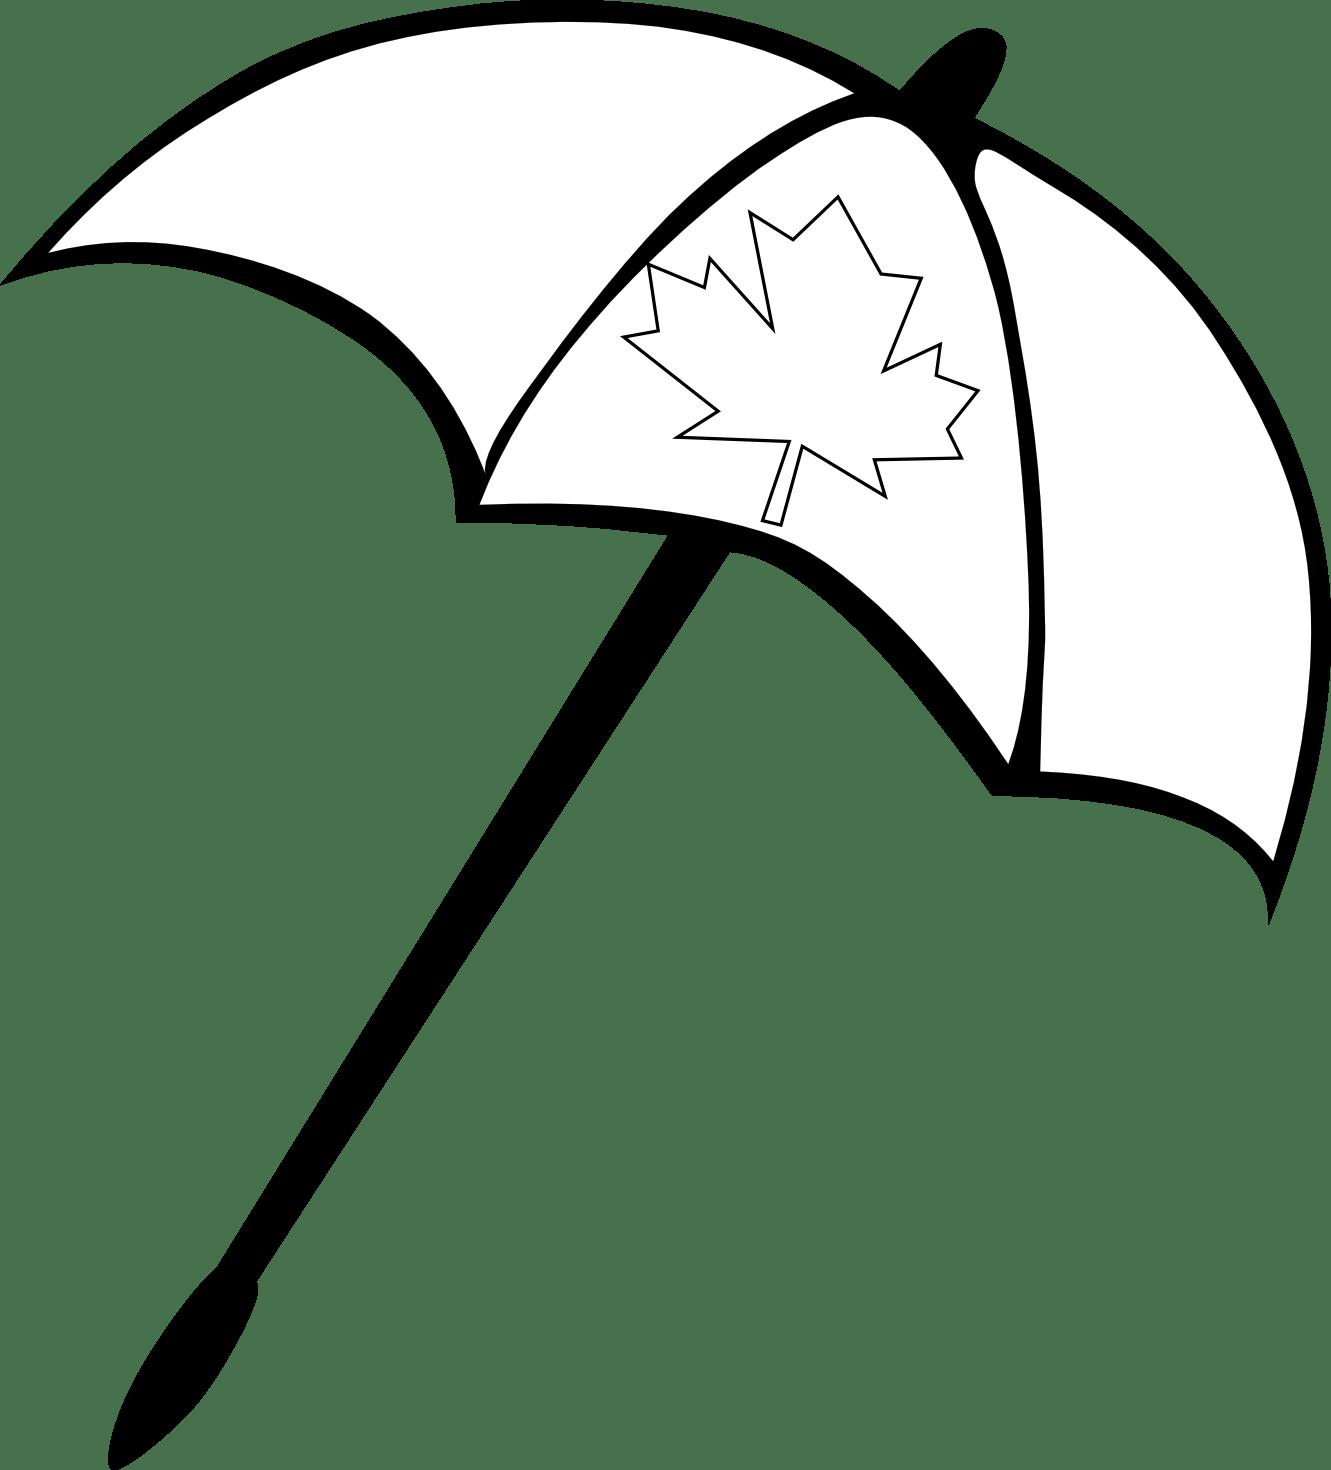 Umbrella Clip Art Black And White